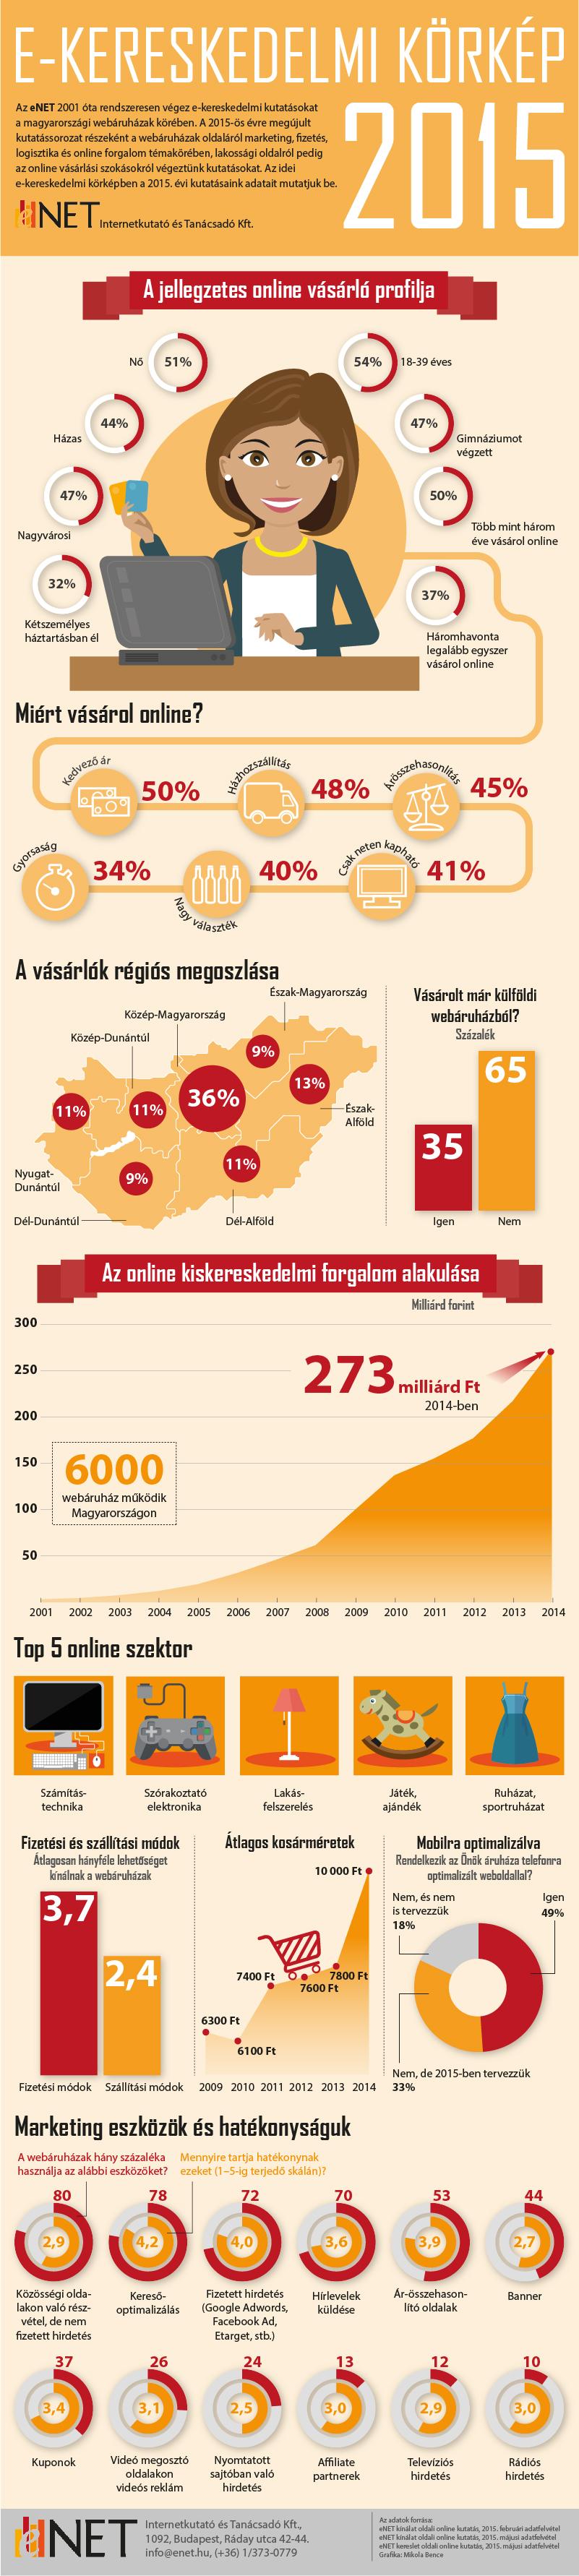 enet_e-ker_korkep_2015_infografika.jpg